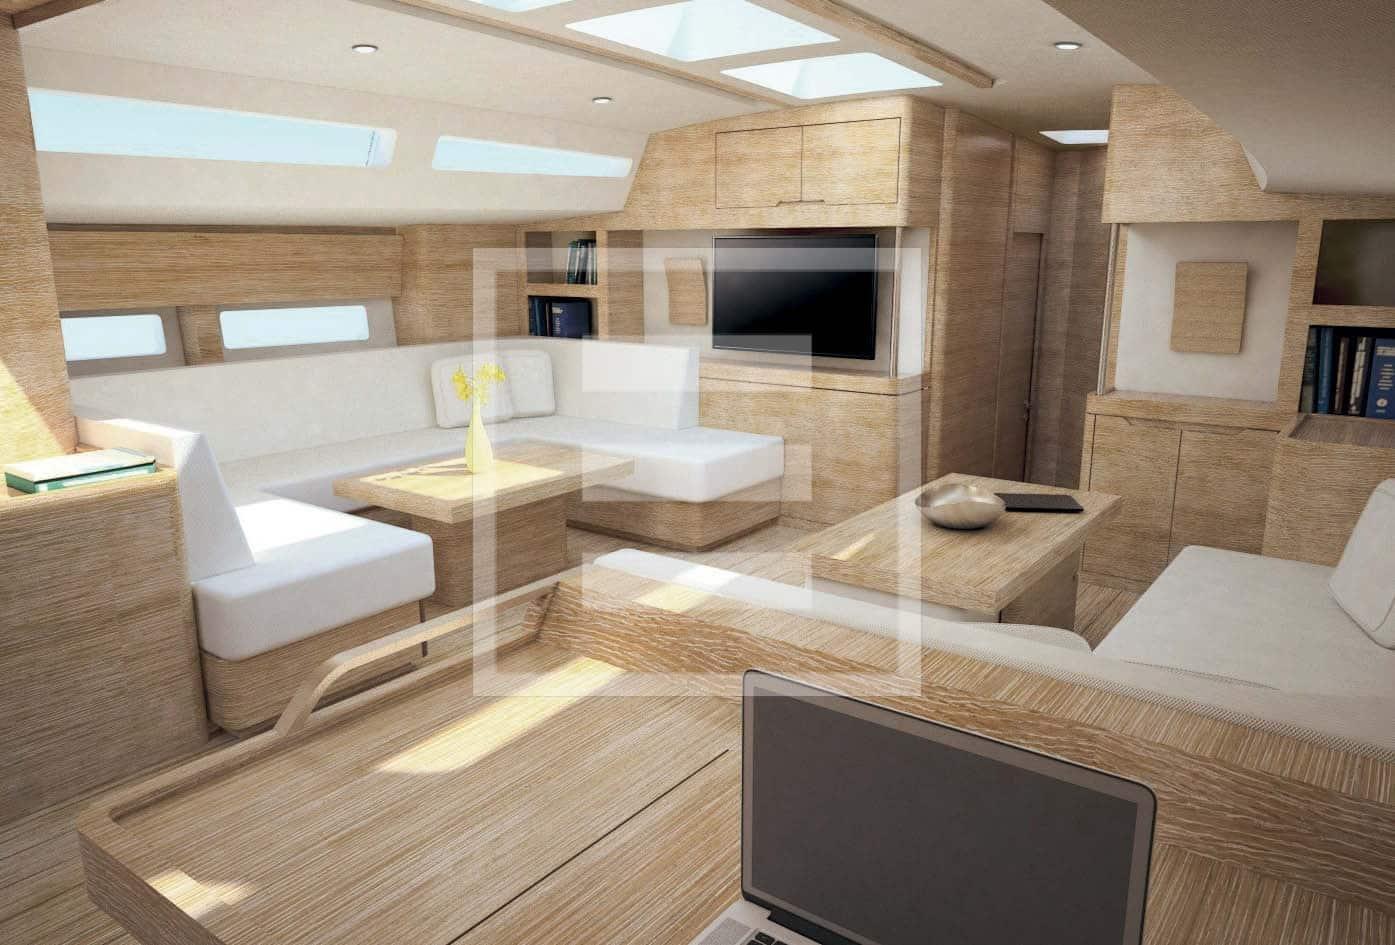 Un'altra vista del salone nel progetto firmato da Unlimited Design